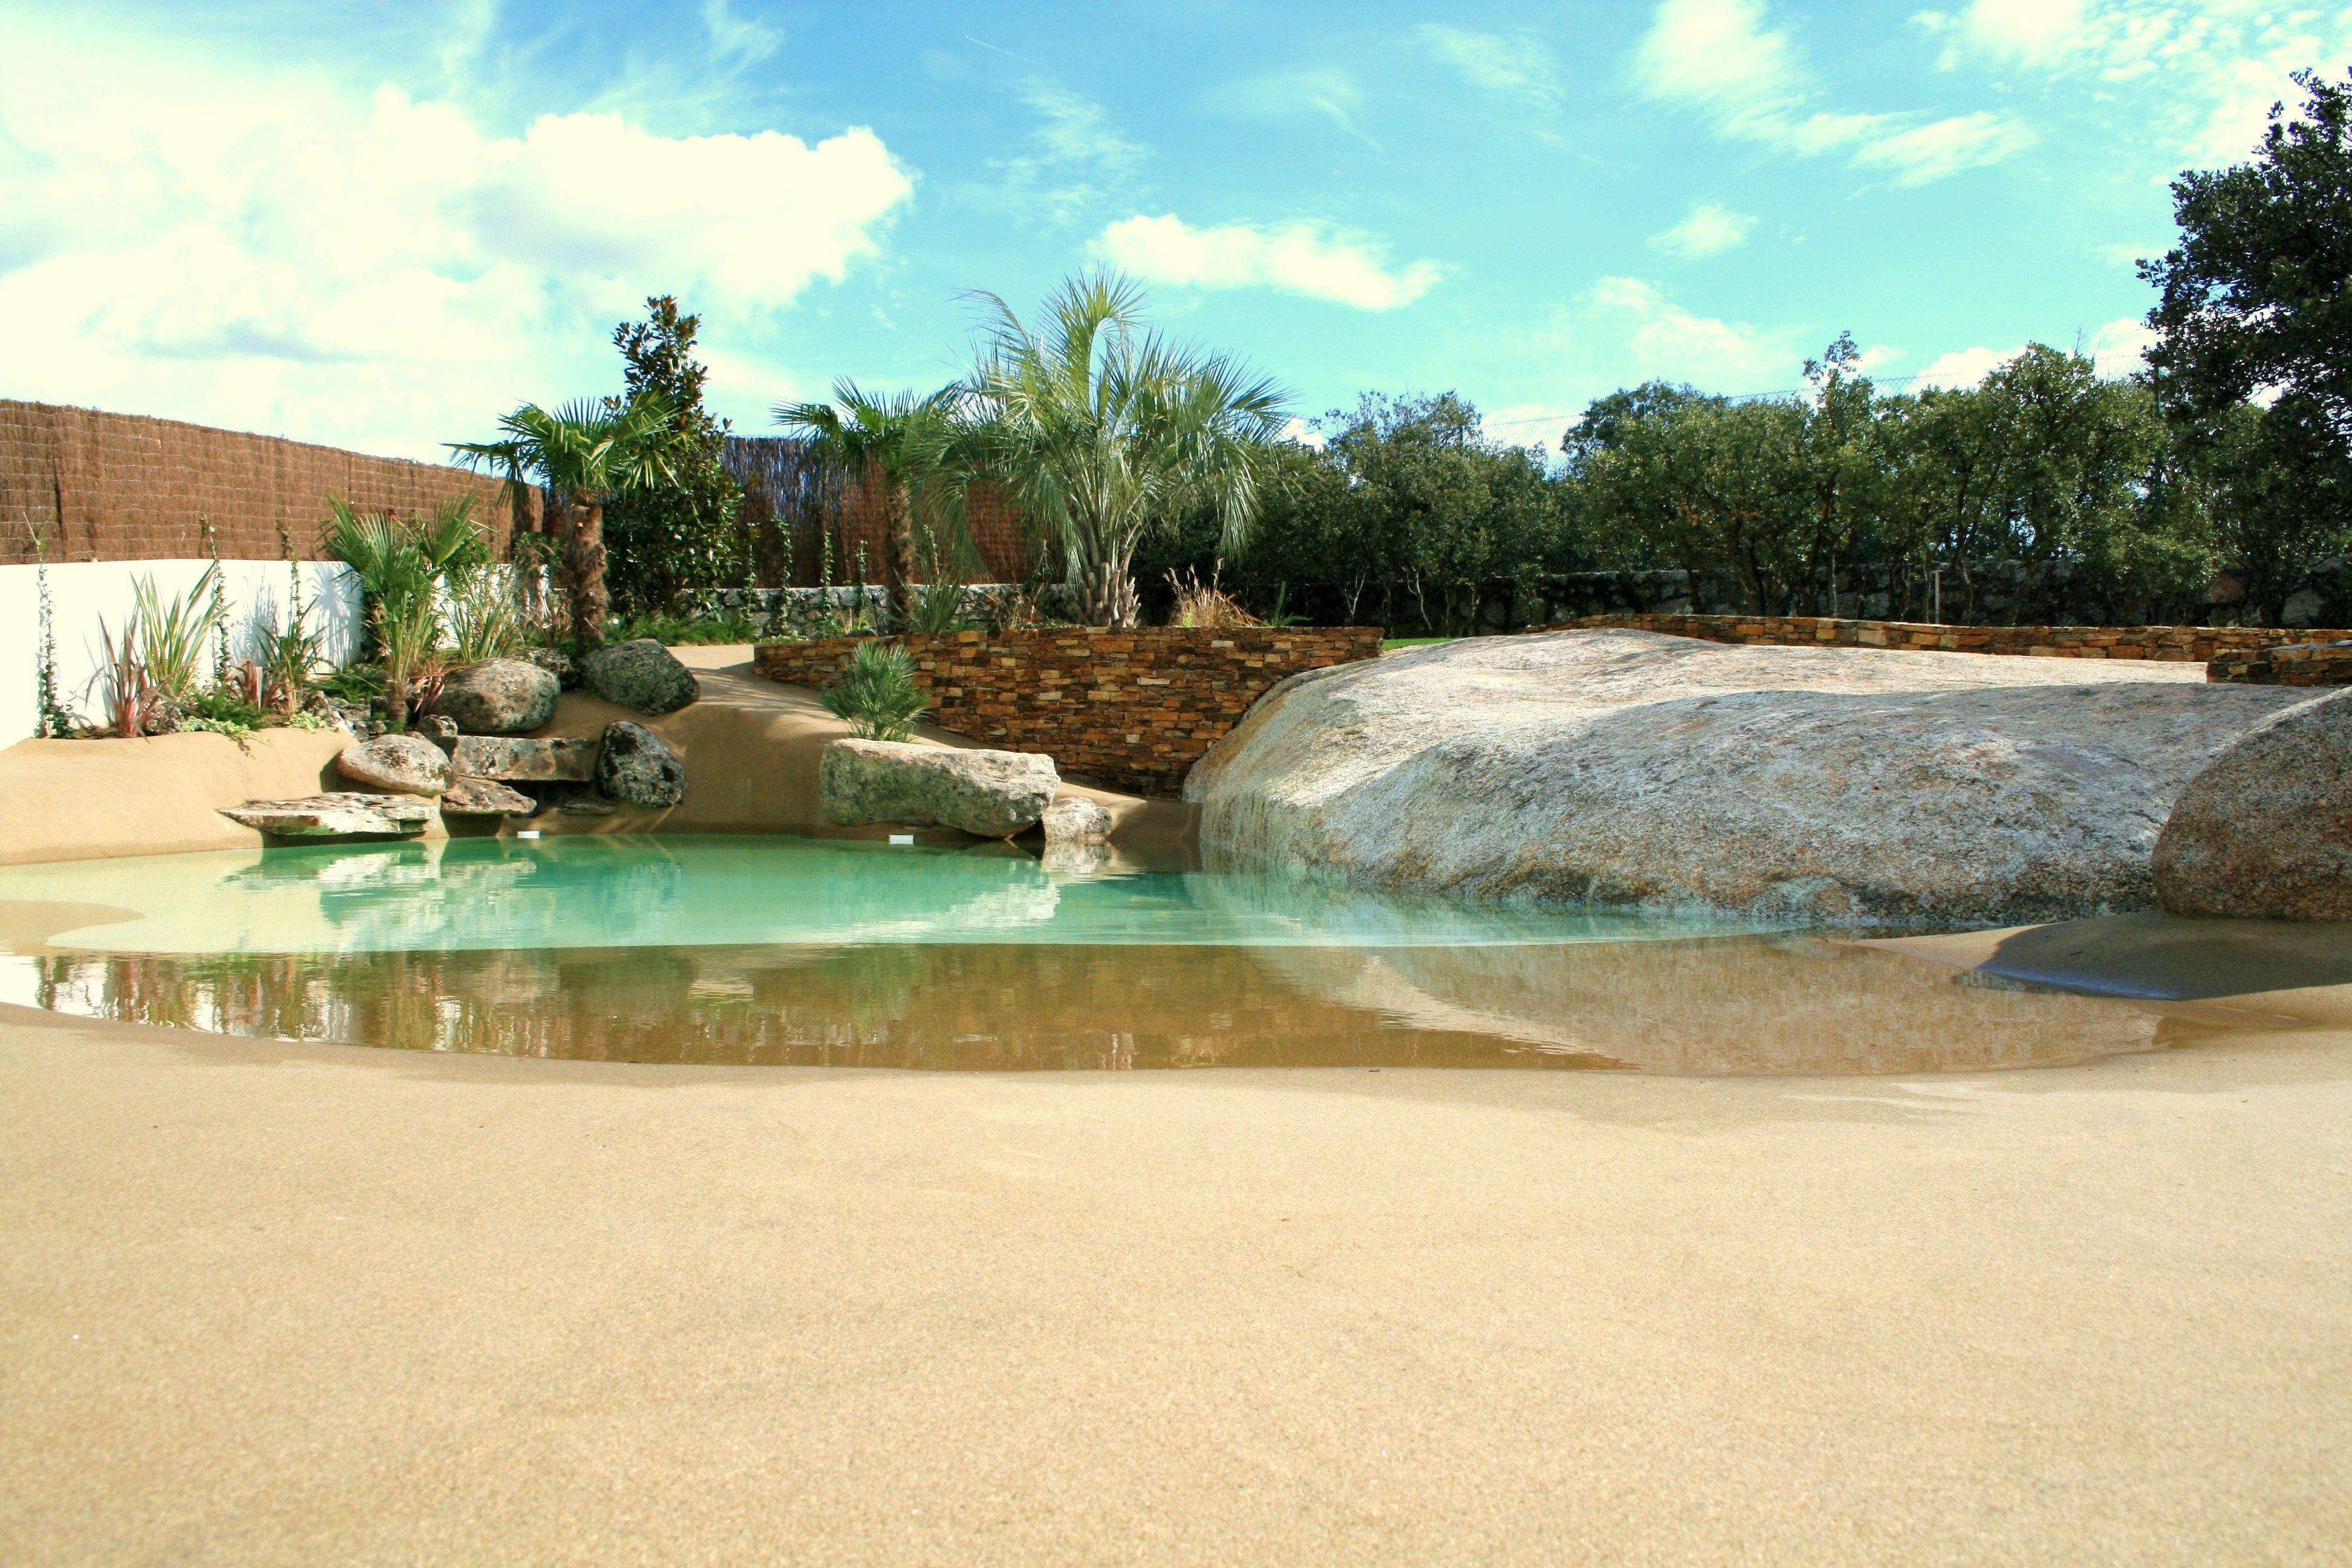 esta preciosa piscina de arena está situada en una vivienda